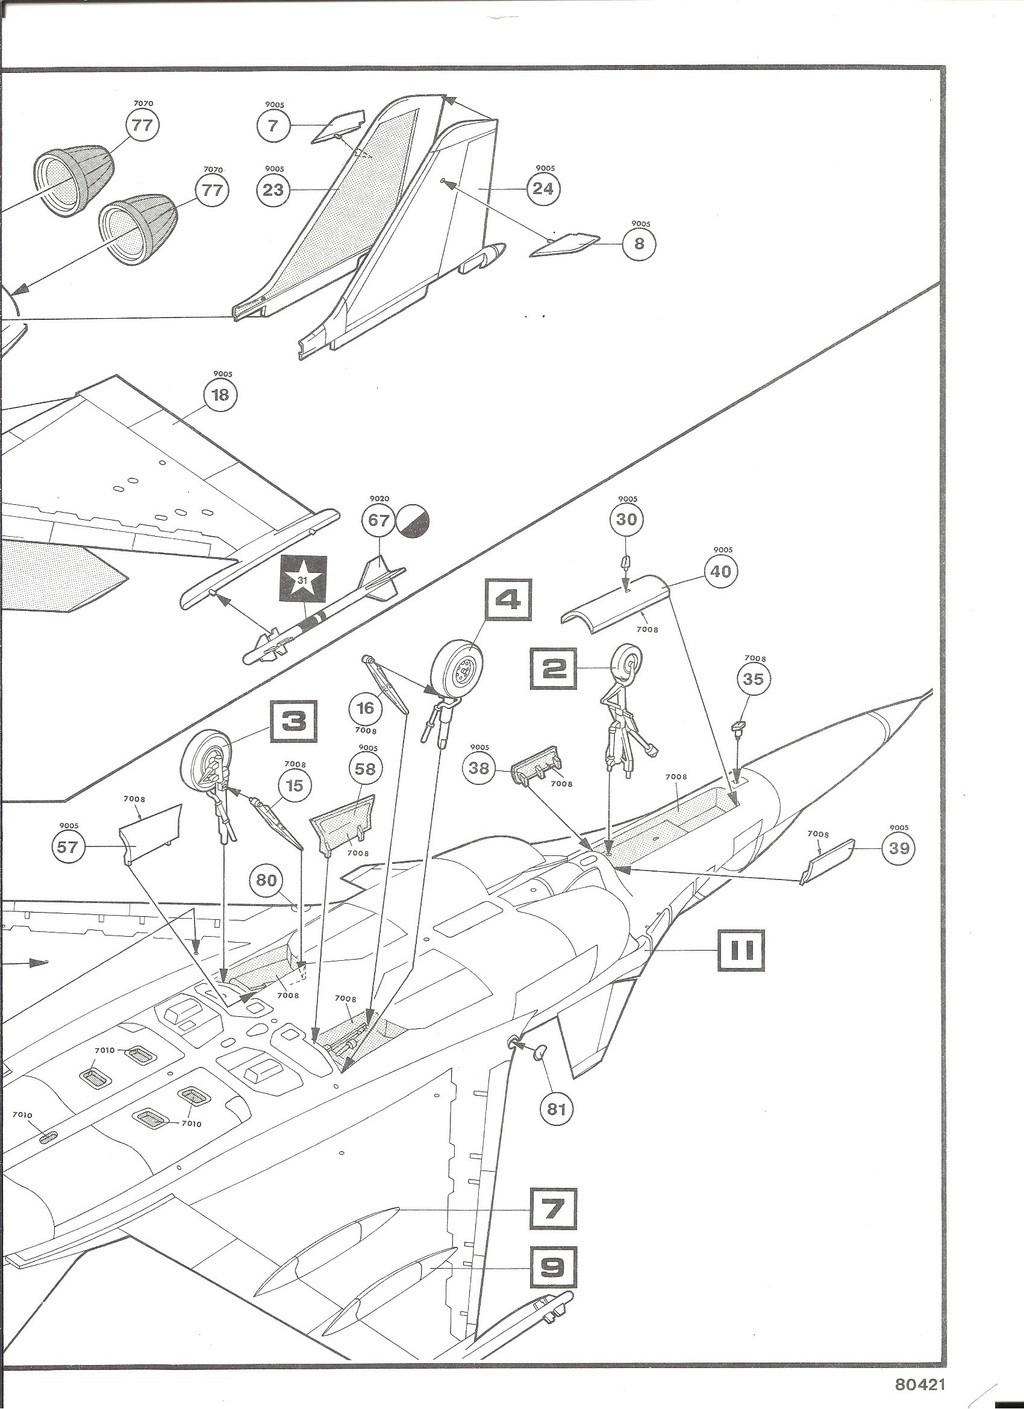 DASSAULT BA RAFALE 1/48ème Ref 80421-Notice Helle517